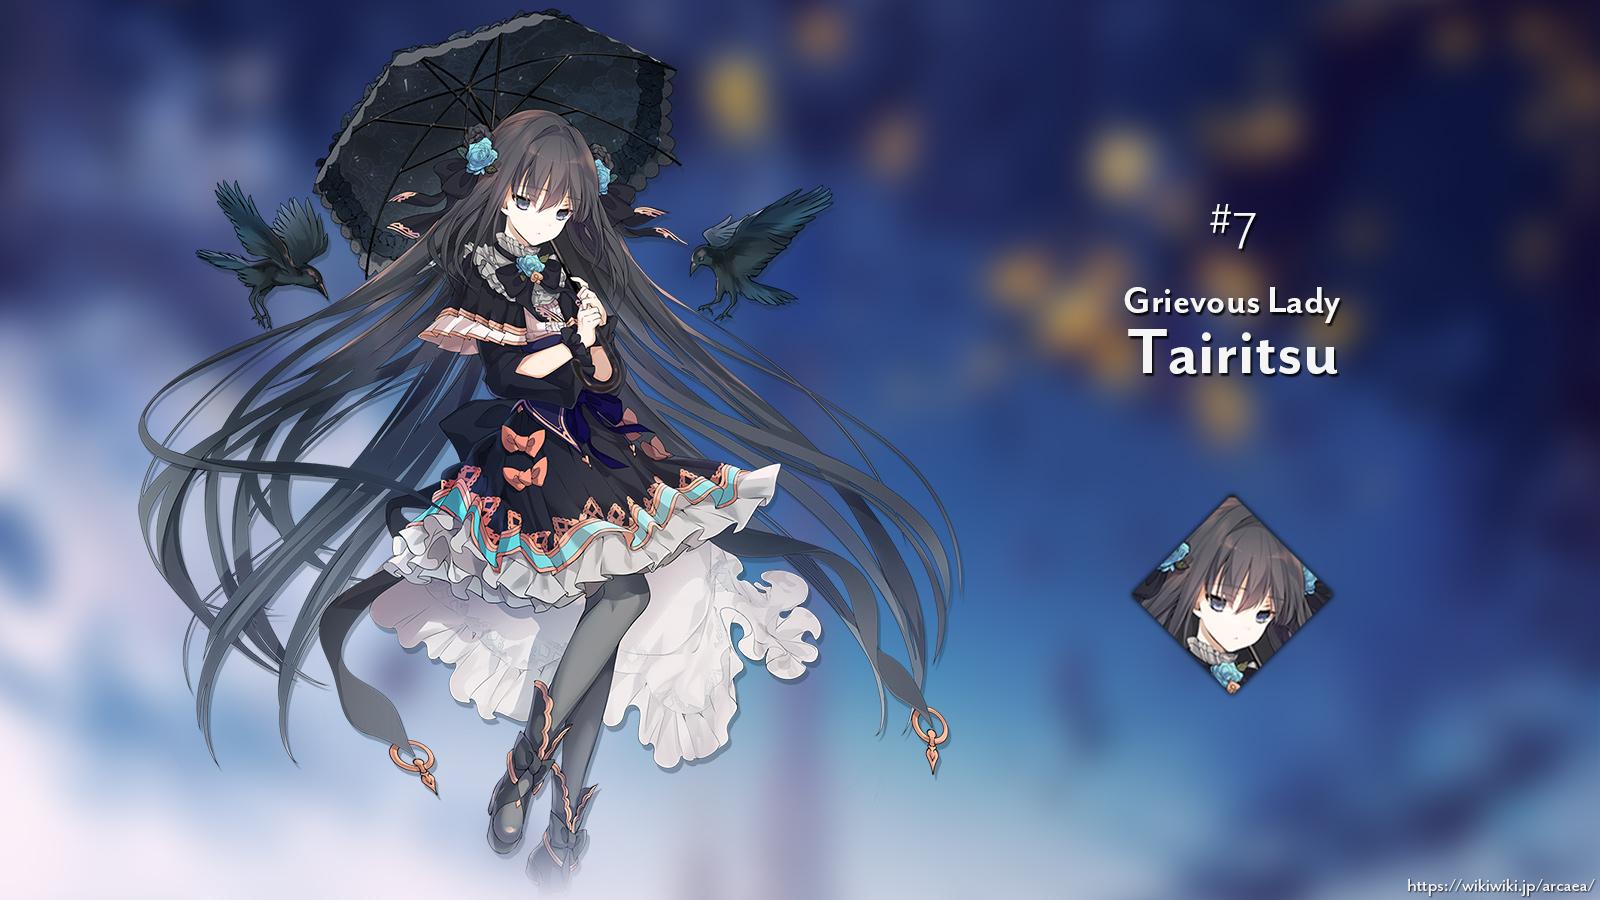 Tairitsu (Grievous Lady)